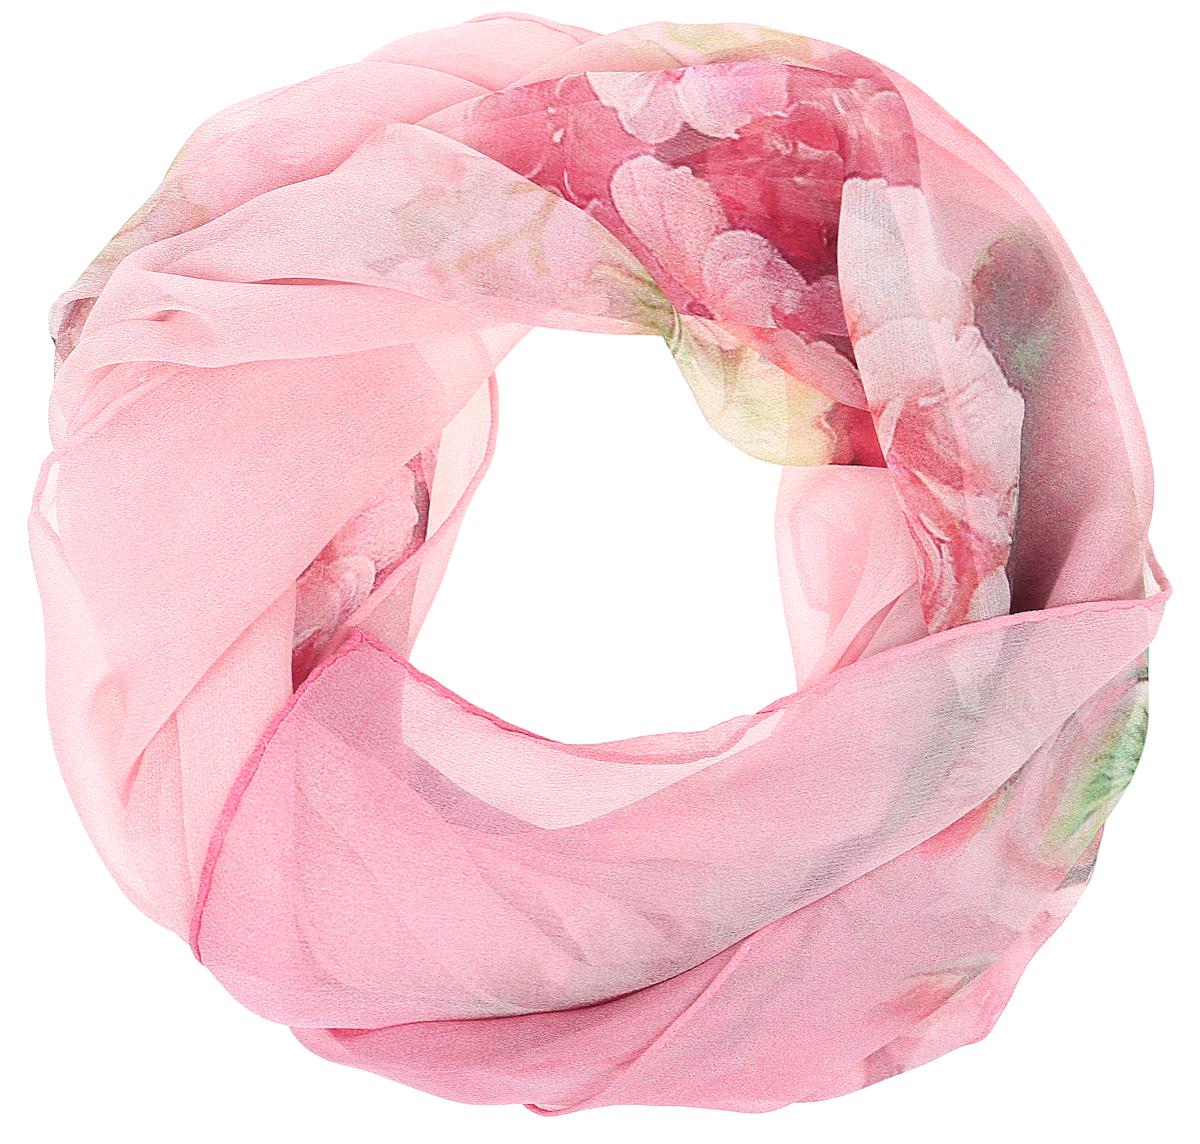 Шарф женский Vitta pelle, цвет: розовый. Ro04SL215/577. Размер 45 см х 170 смRo04SL215/577Шарф из тонкого шифона с принтом. Обработка кромки - ручная подгибка.